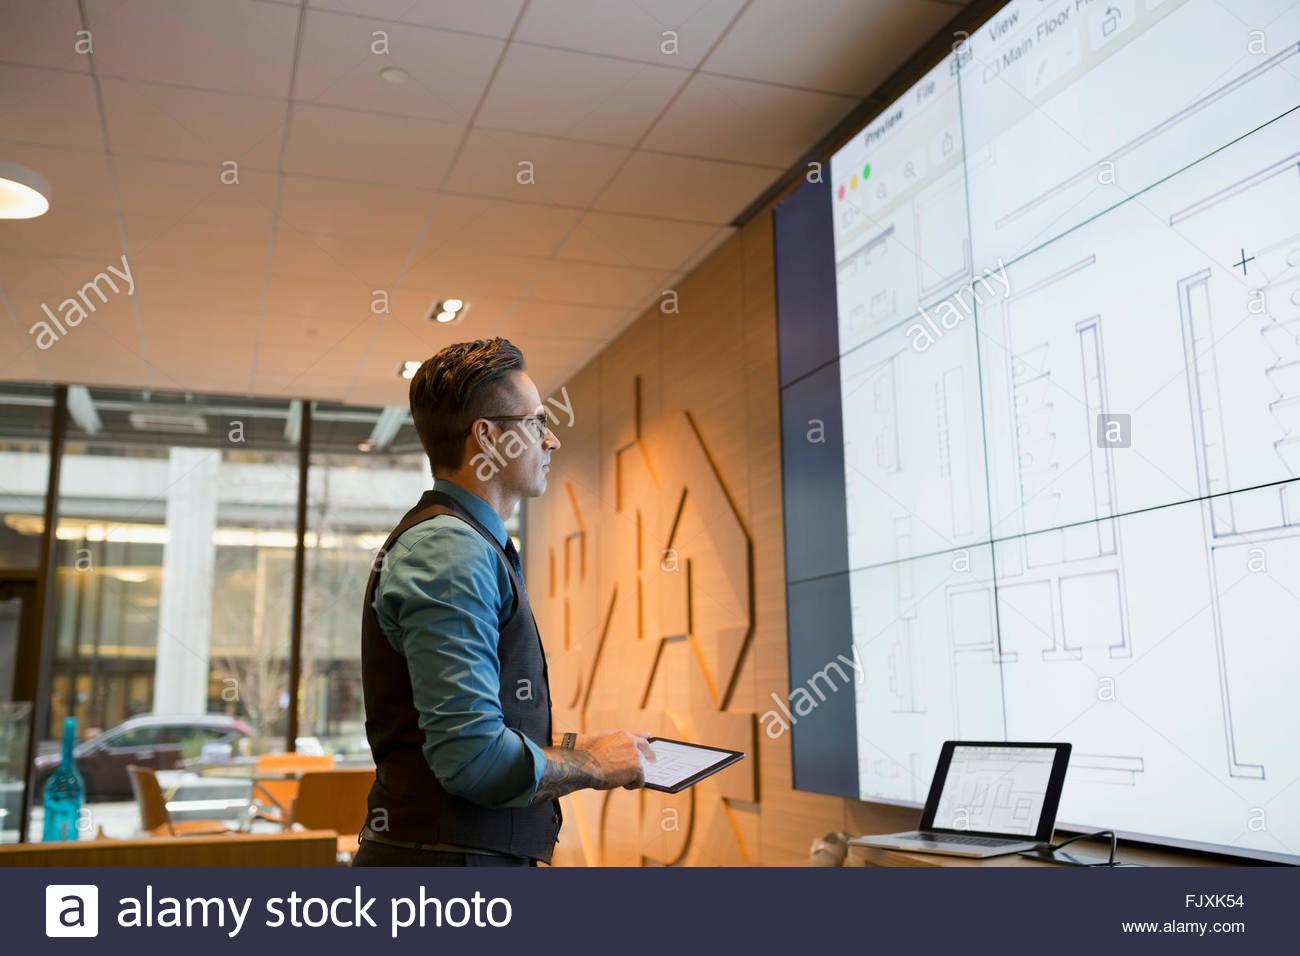 Architetto preparazione presentazione audio visiva in sala conferenze Immagini Stock